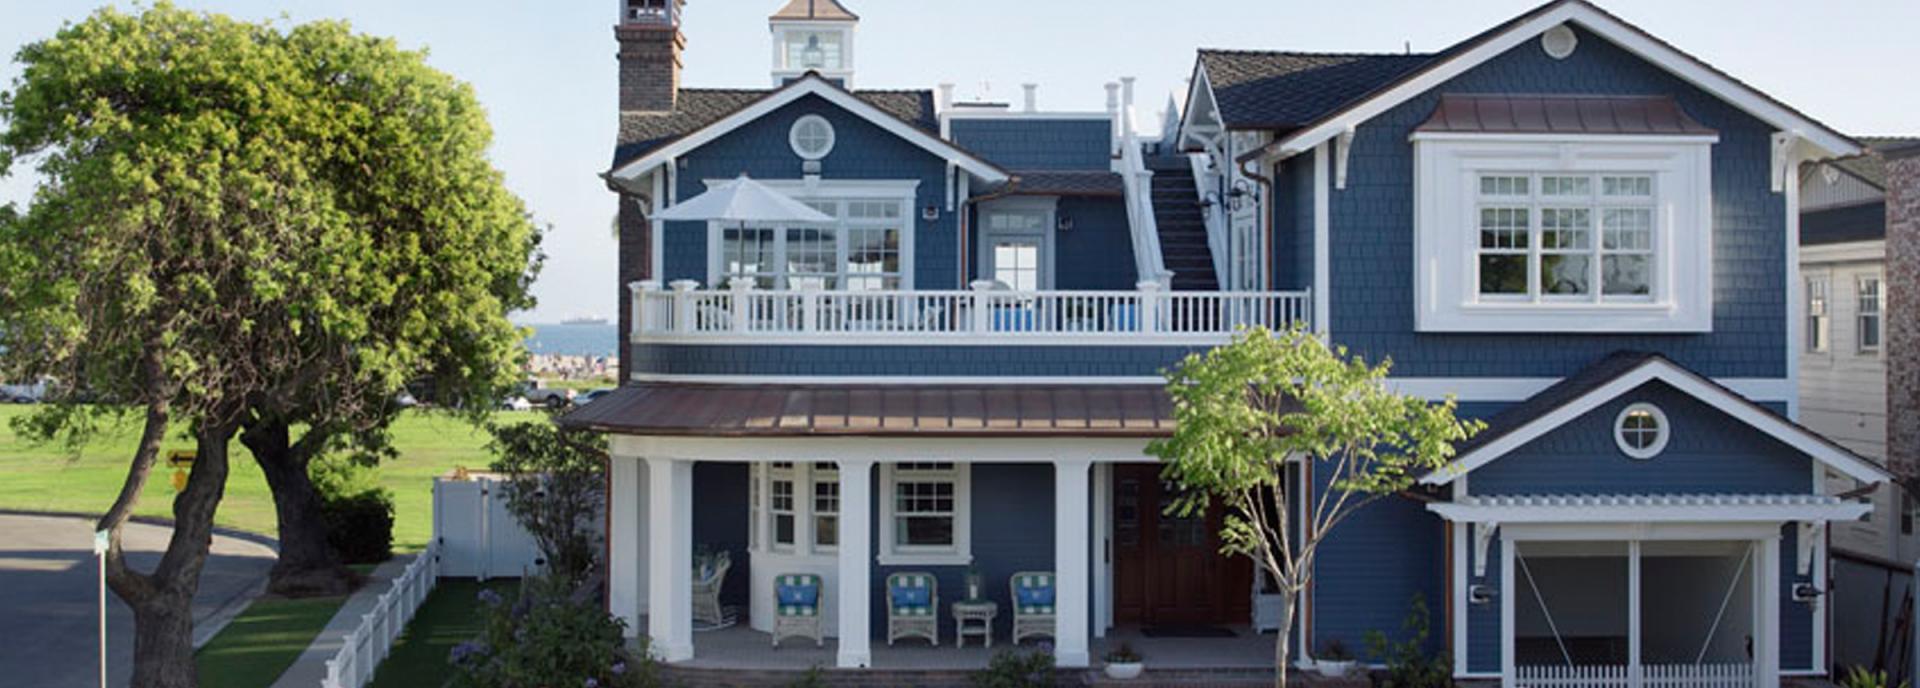 2014 Coastal Living Showhouse Rinnai